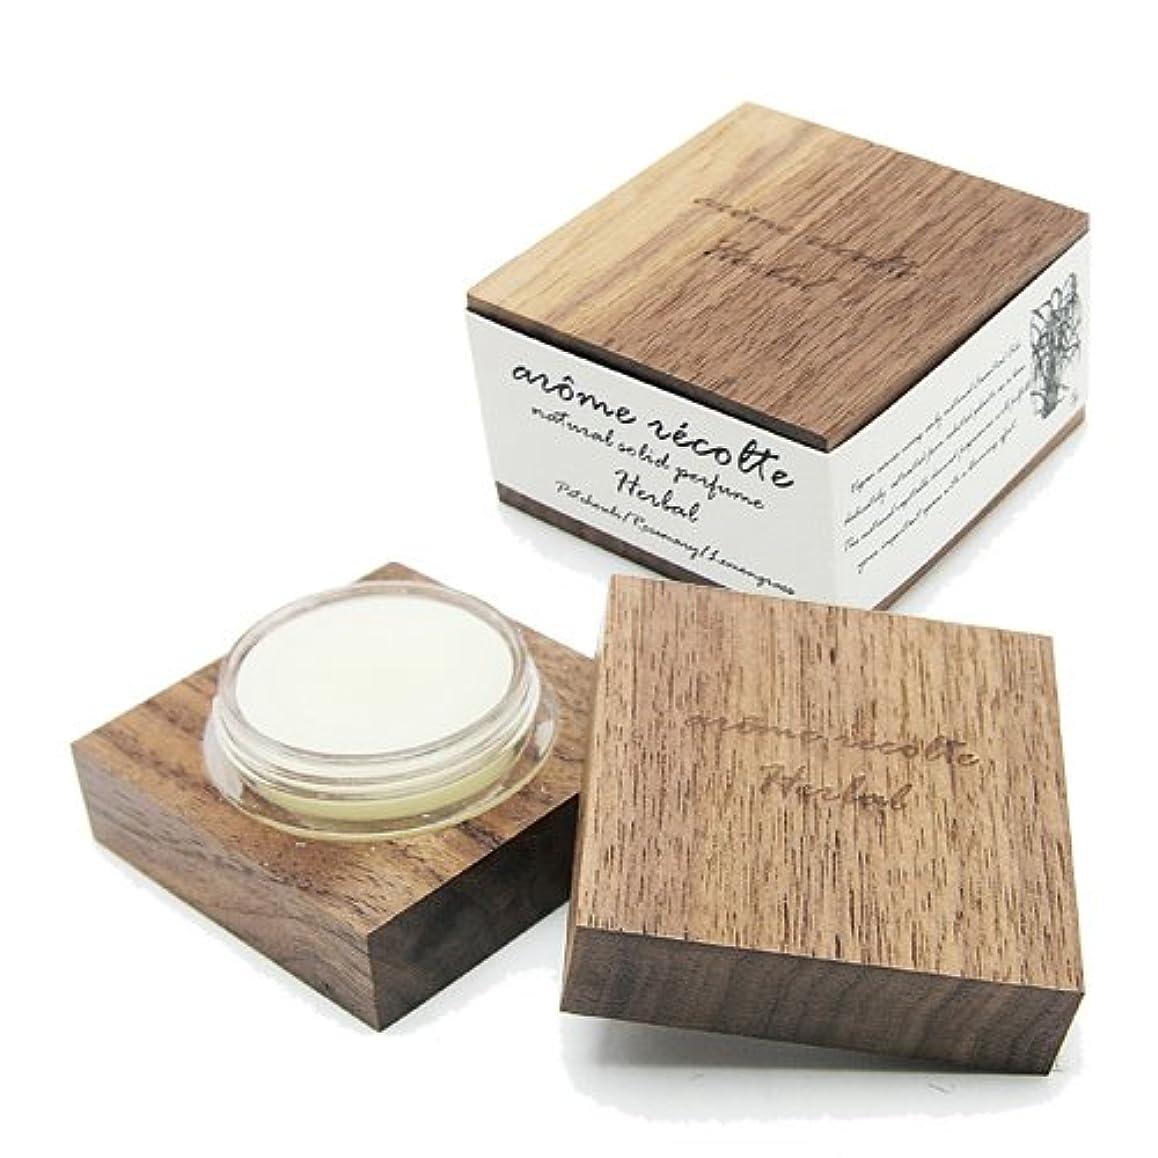 うまくやる()反論者実験的アロマレコルト ナチュラル ソリッドパフューム ハーバル Herbal arome recolte 練り香水